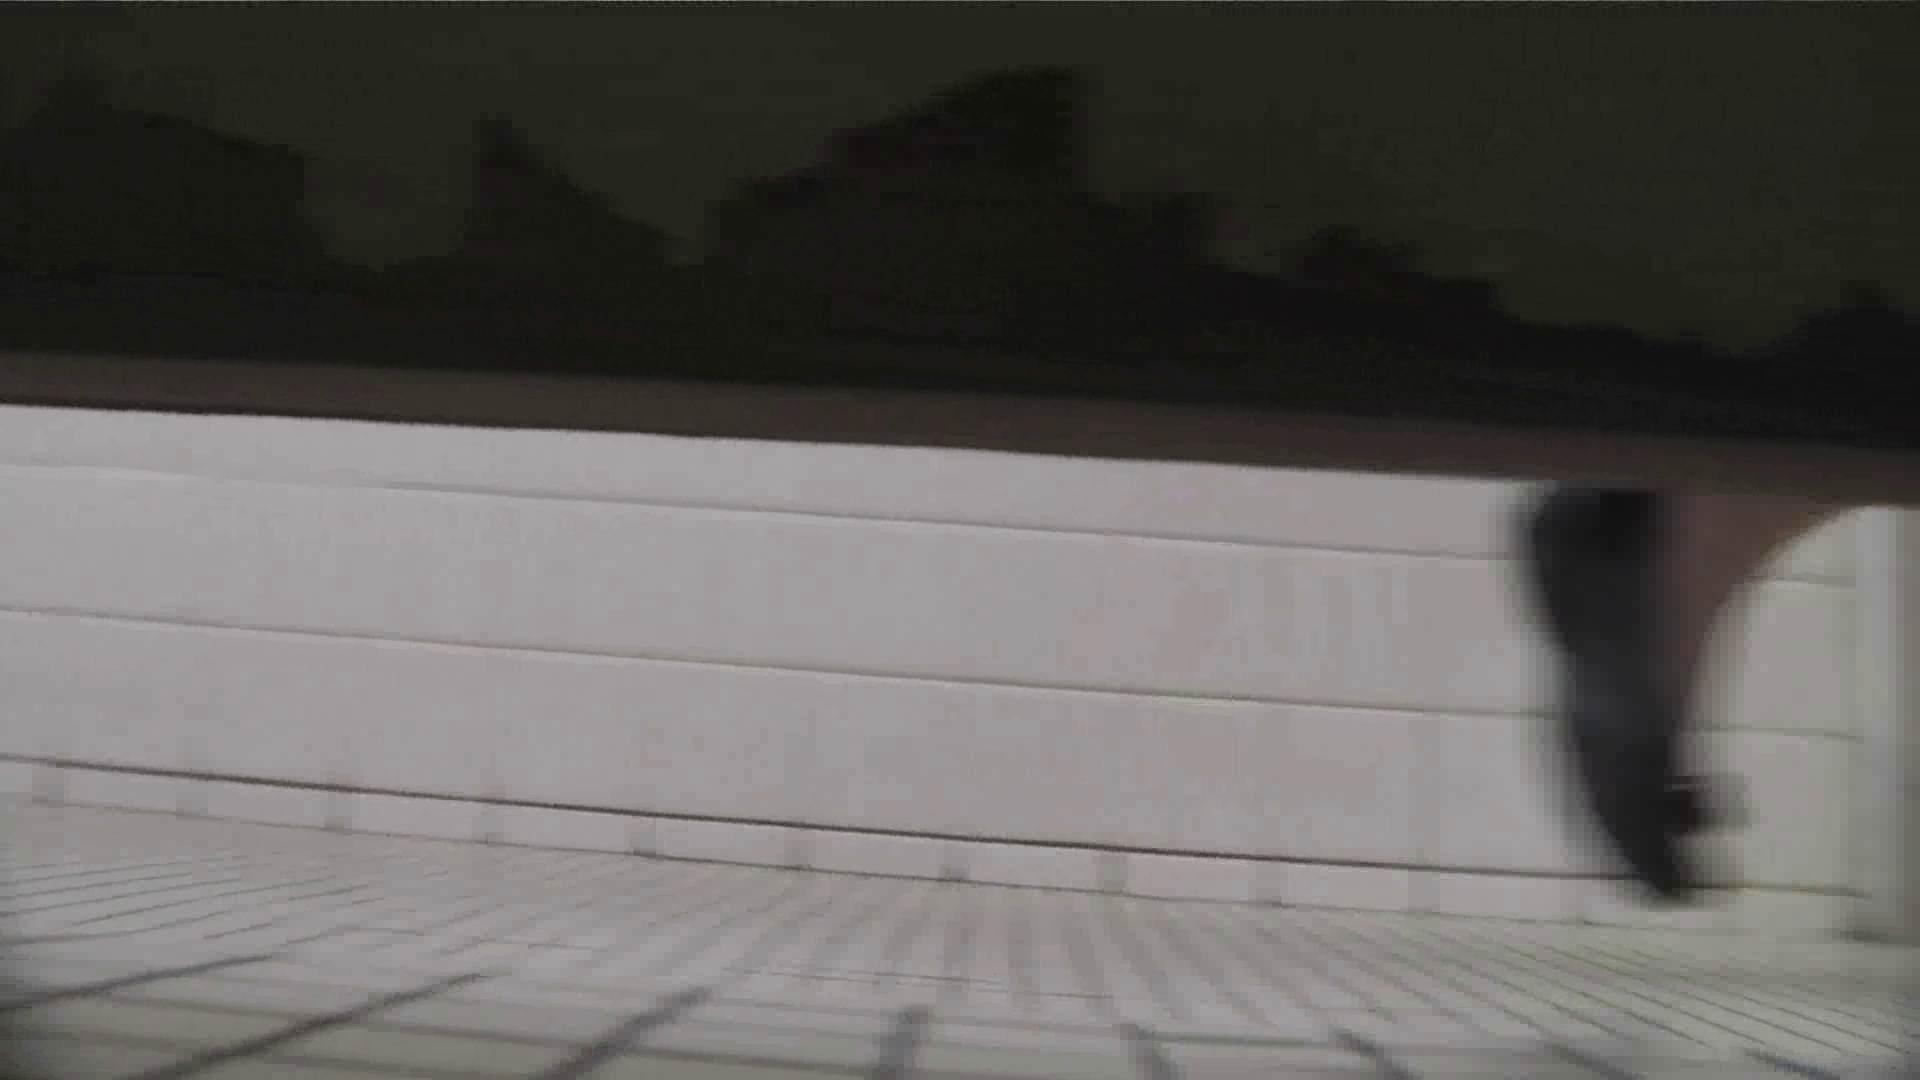 【美しき個室な世界】 vol.025 メガネ属性ヾ(´∀`)ノ 高画質 濡れ場動画紹介 84画像 50